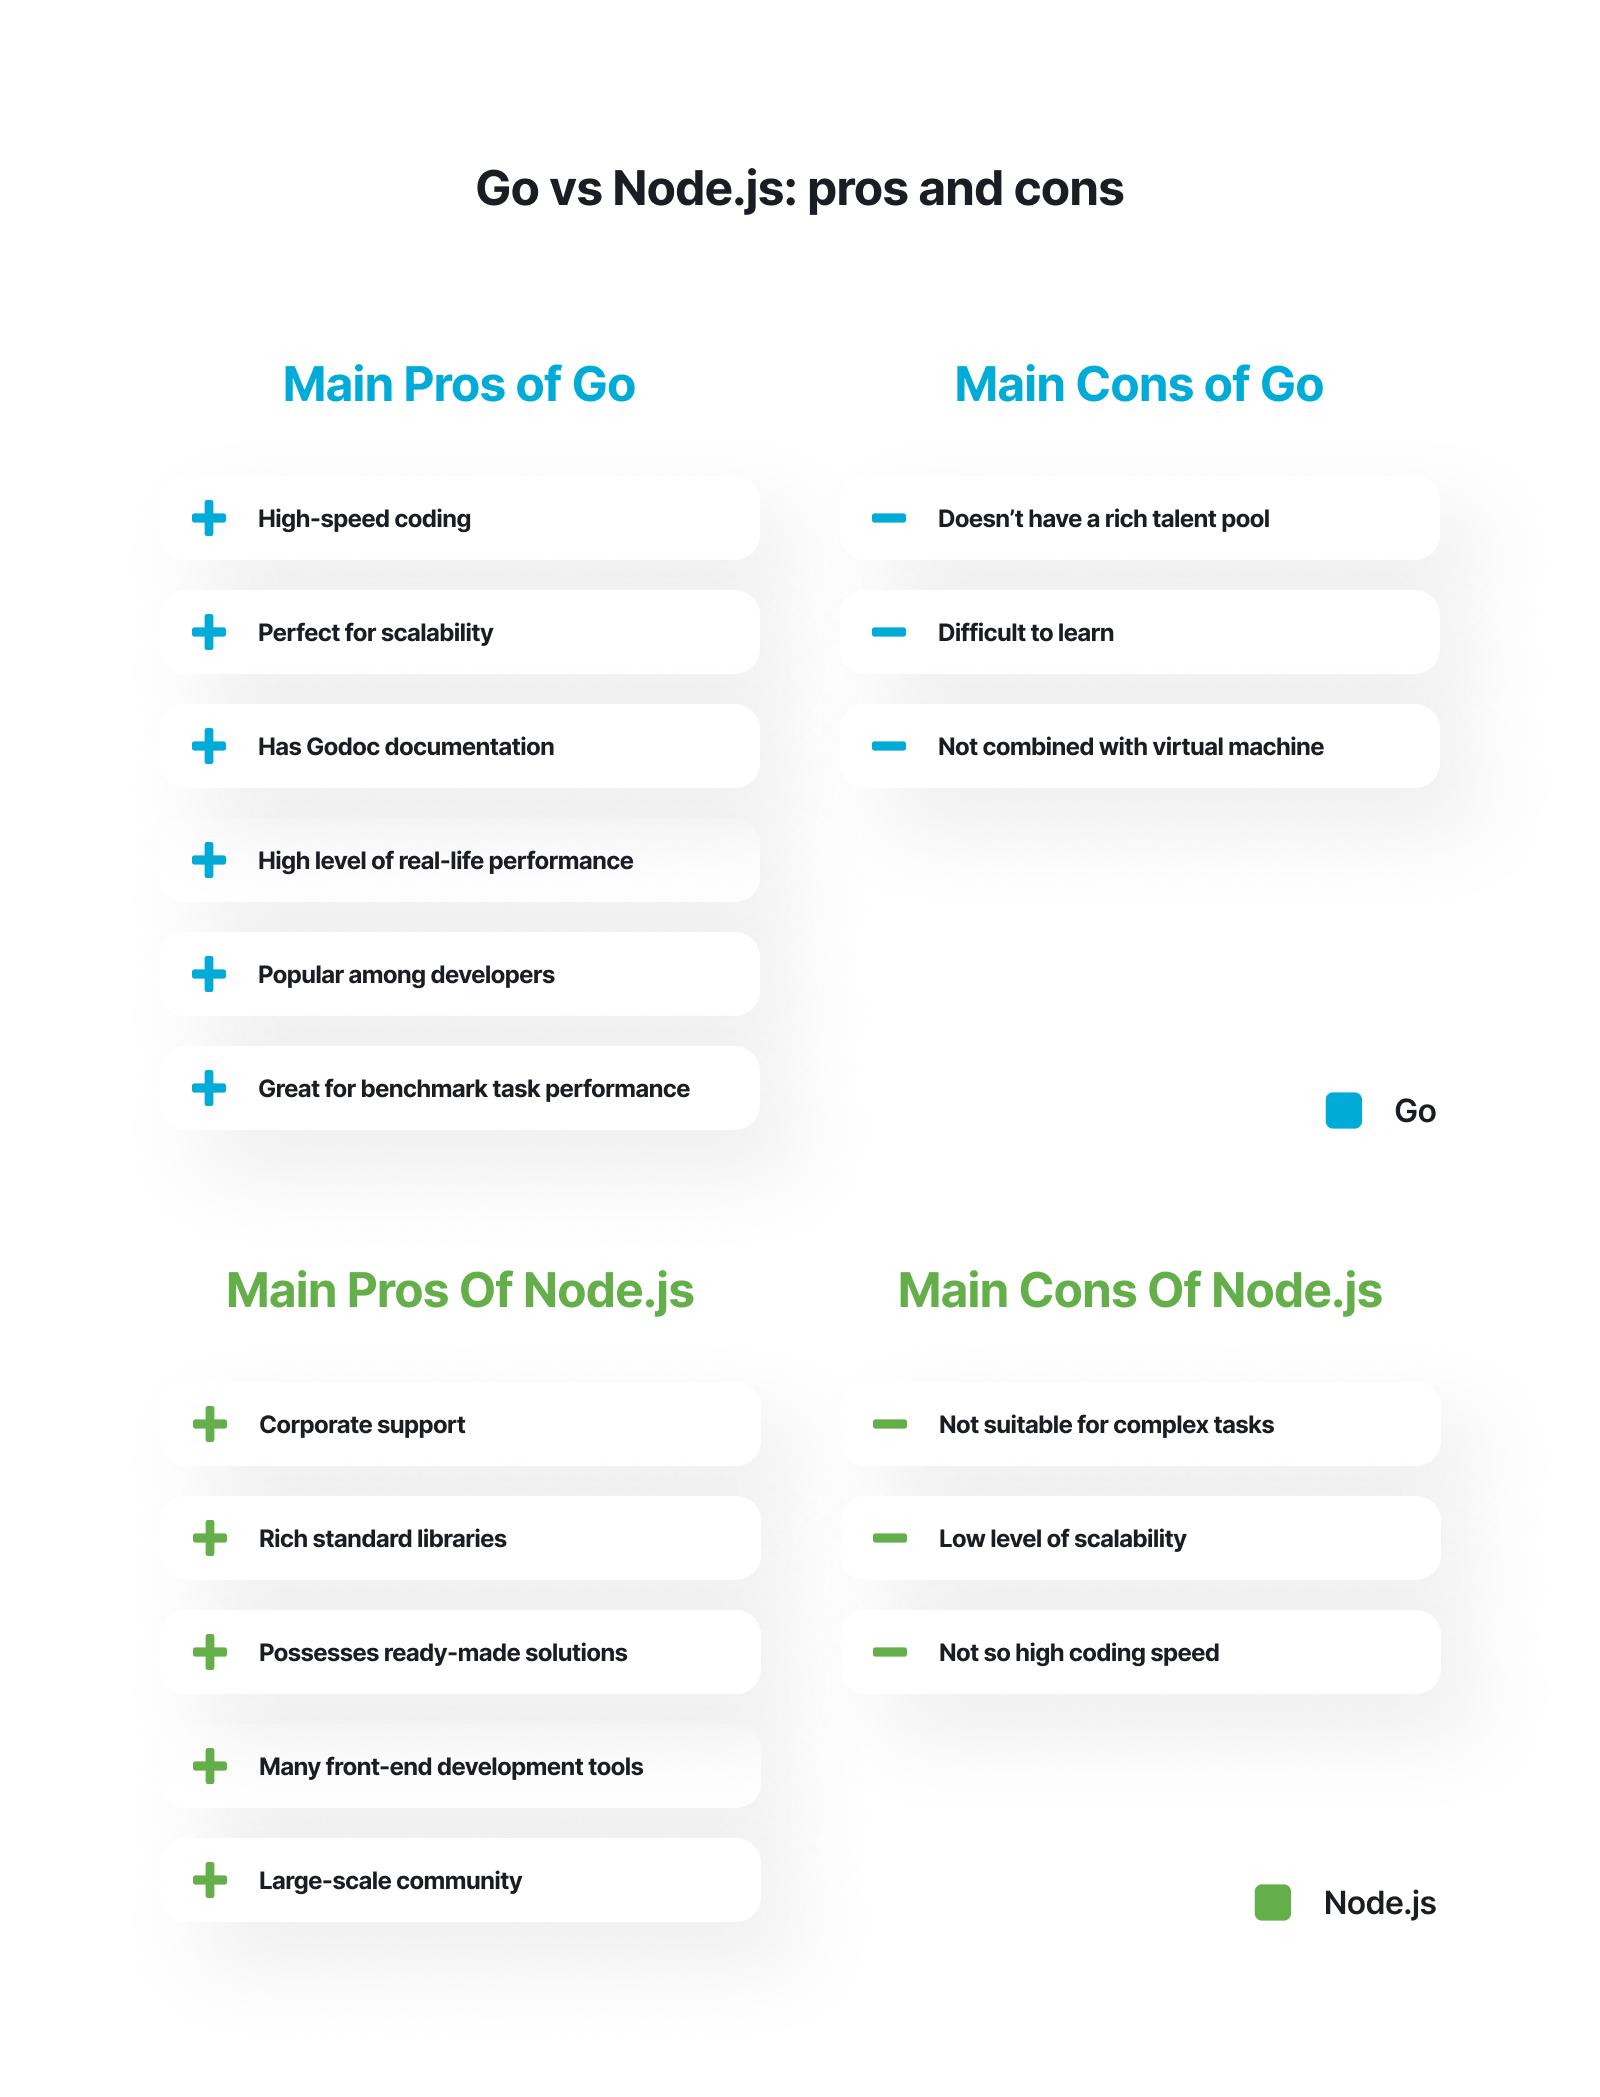 Go vs Node.js Main Pros and Cons